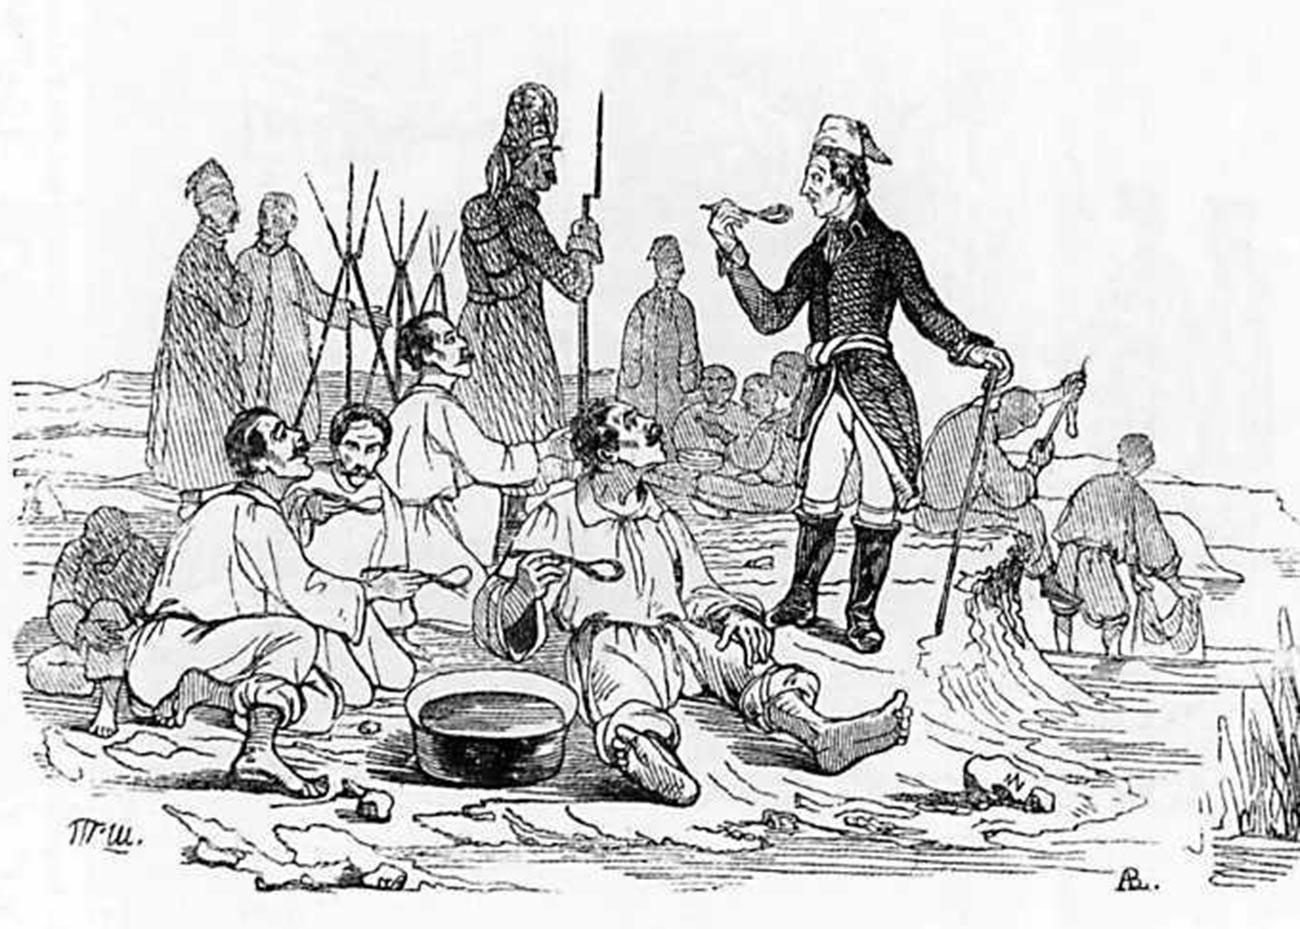 O marechal de campo Aleksandr Suvorov divide a refeição com seus soldados.